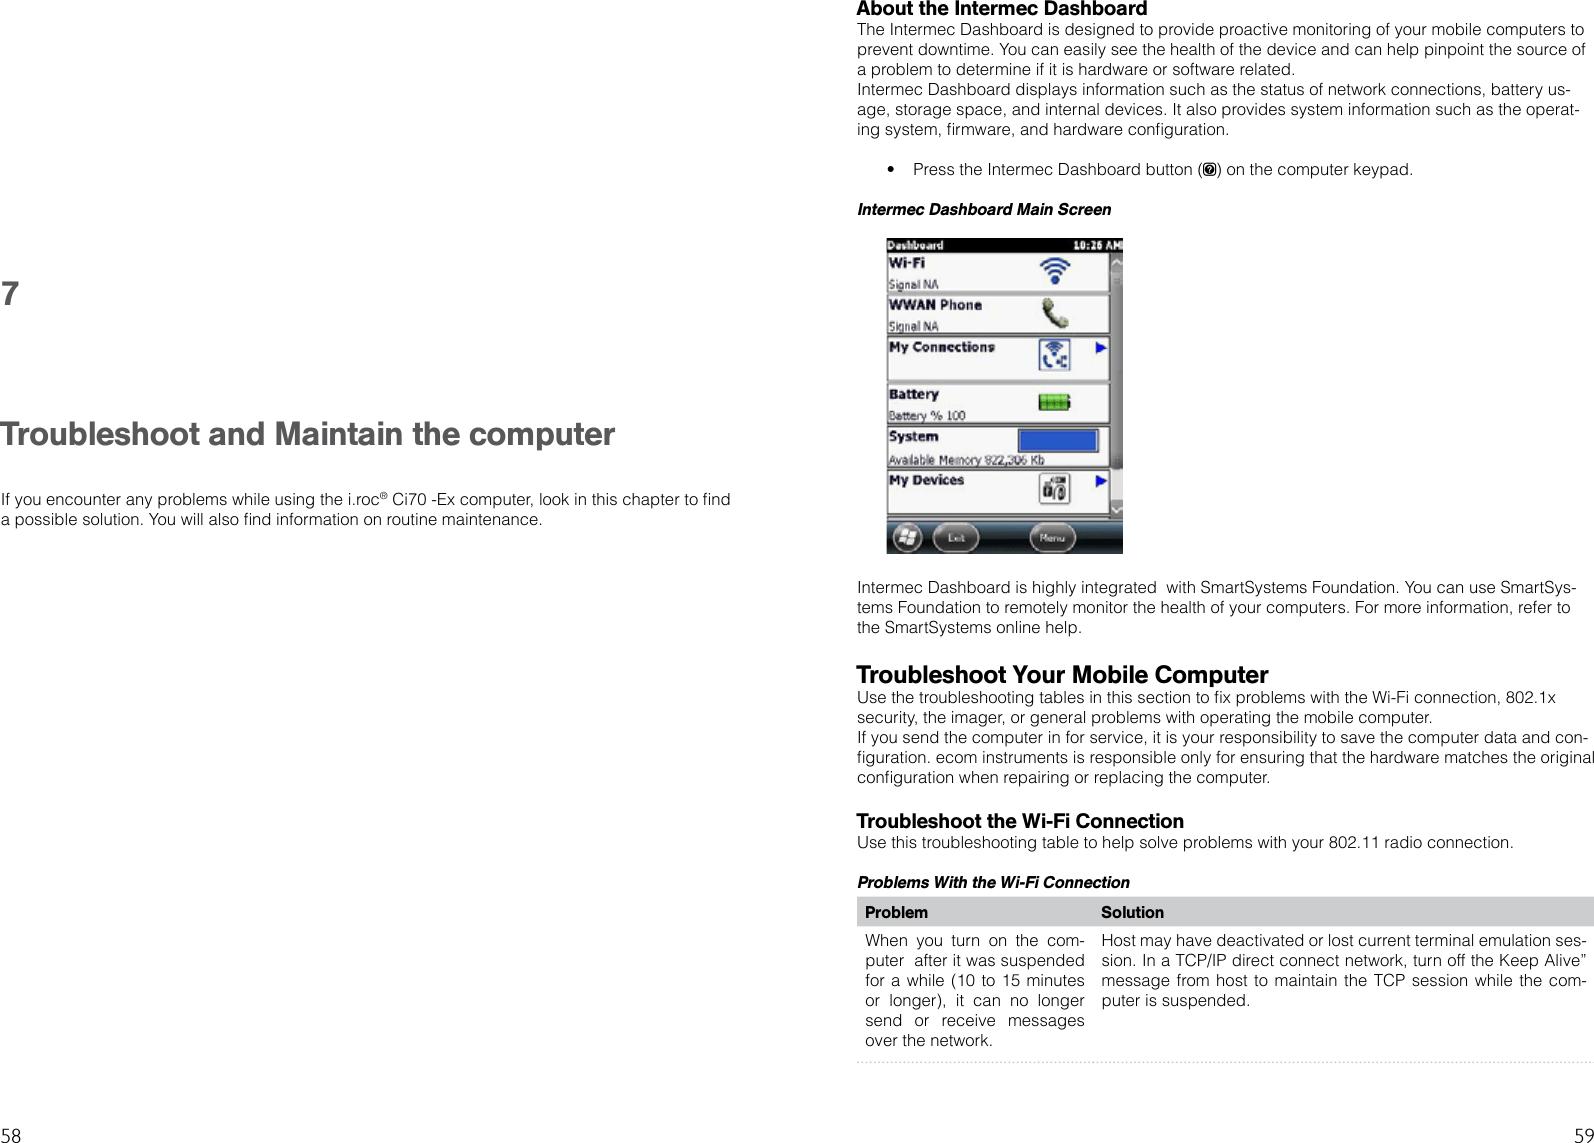 ecom instruments 300011GR02 Ci70 User Manual i roc Ci70 Ex